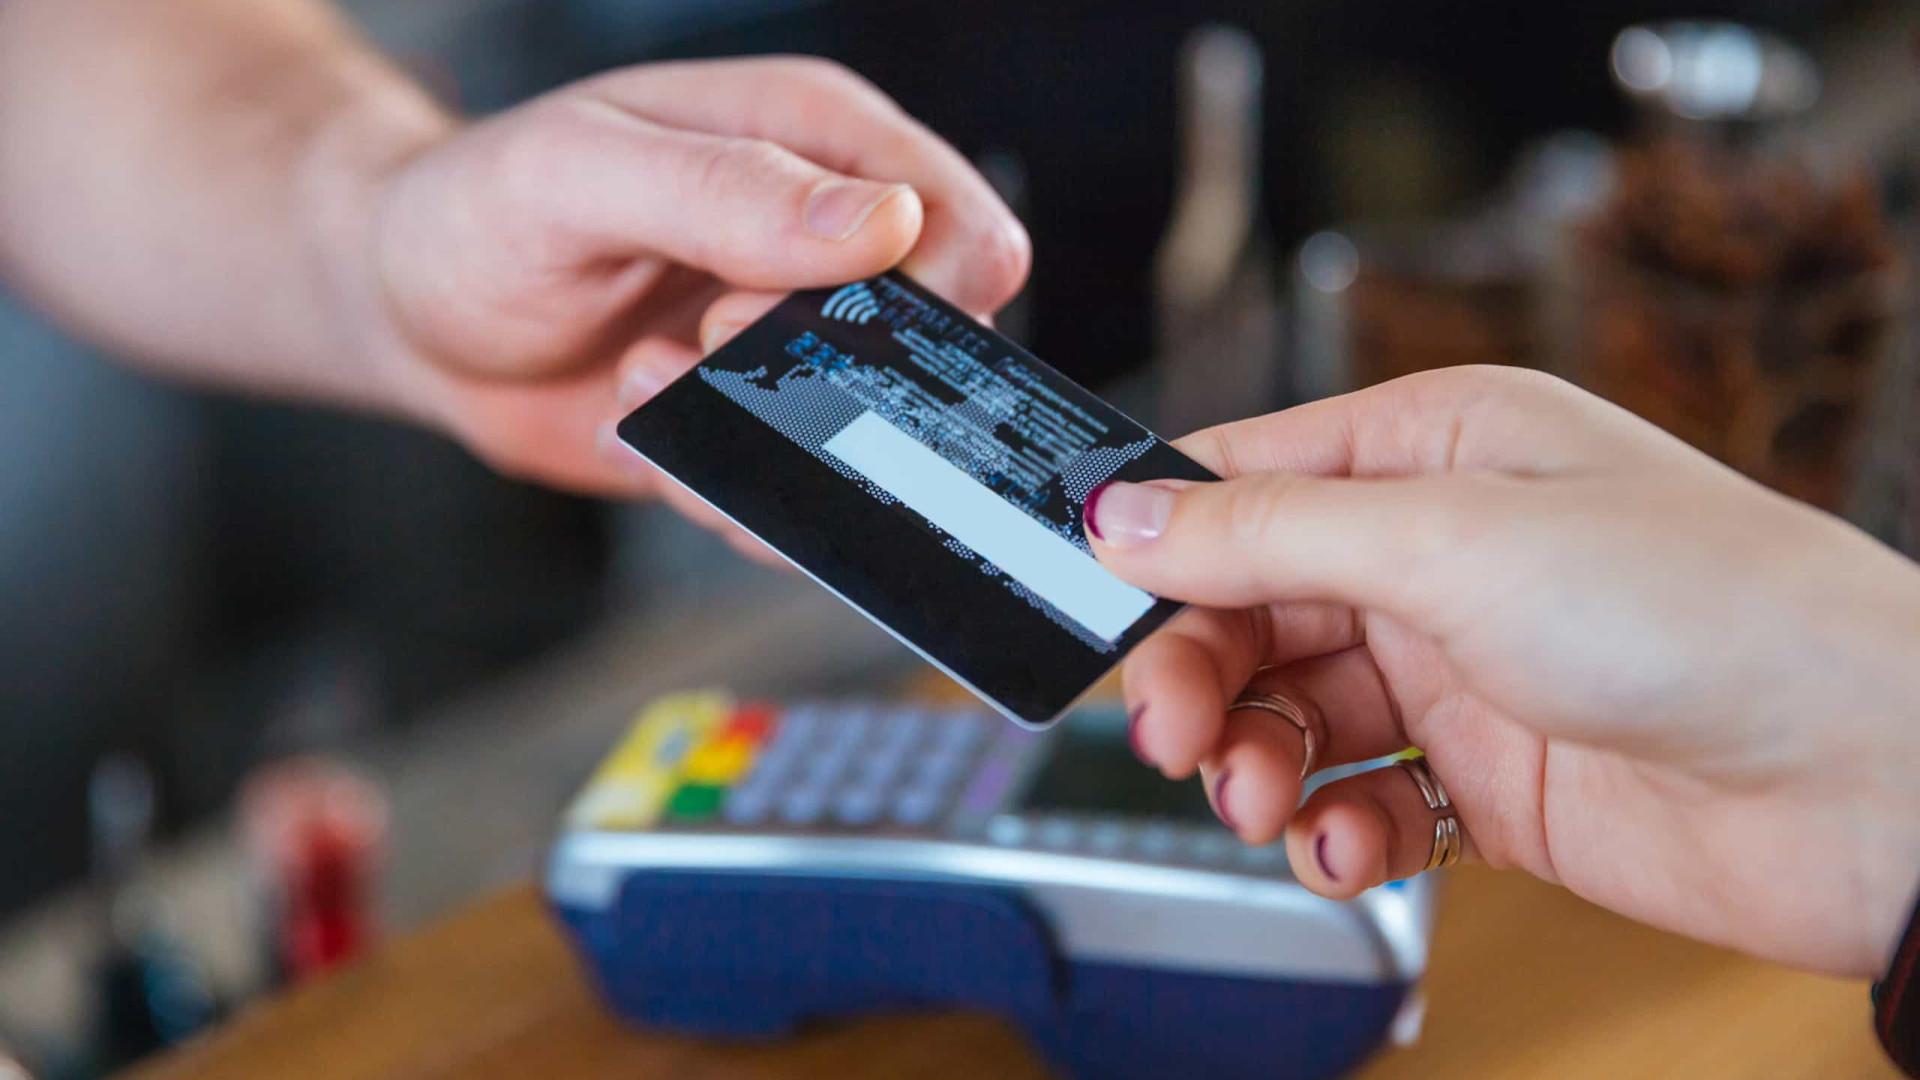 Contribuintes podem validar faturas para IVAucher até sexta-feira